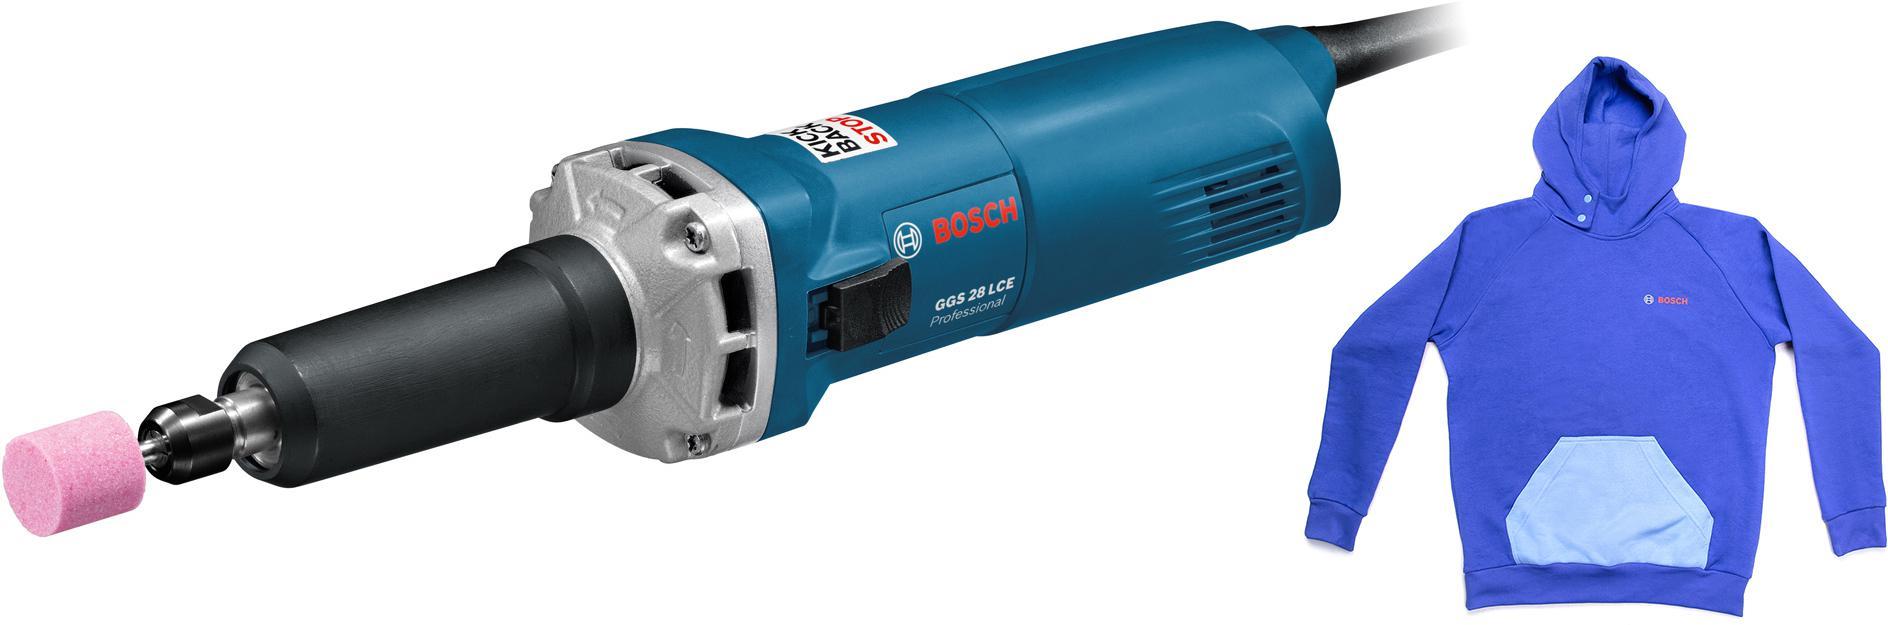 Набор Bosch Машинка шлифовальная прямая ggs 28 lce (0.601.221.100) +толстовка blue 1619m00u9s цена